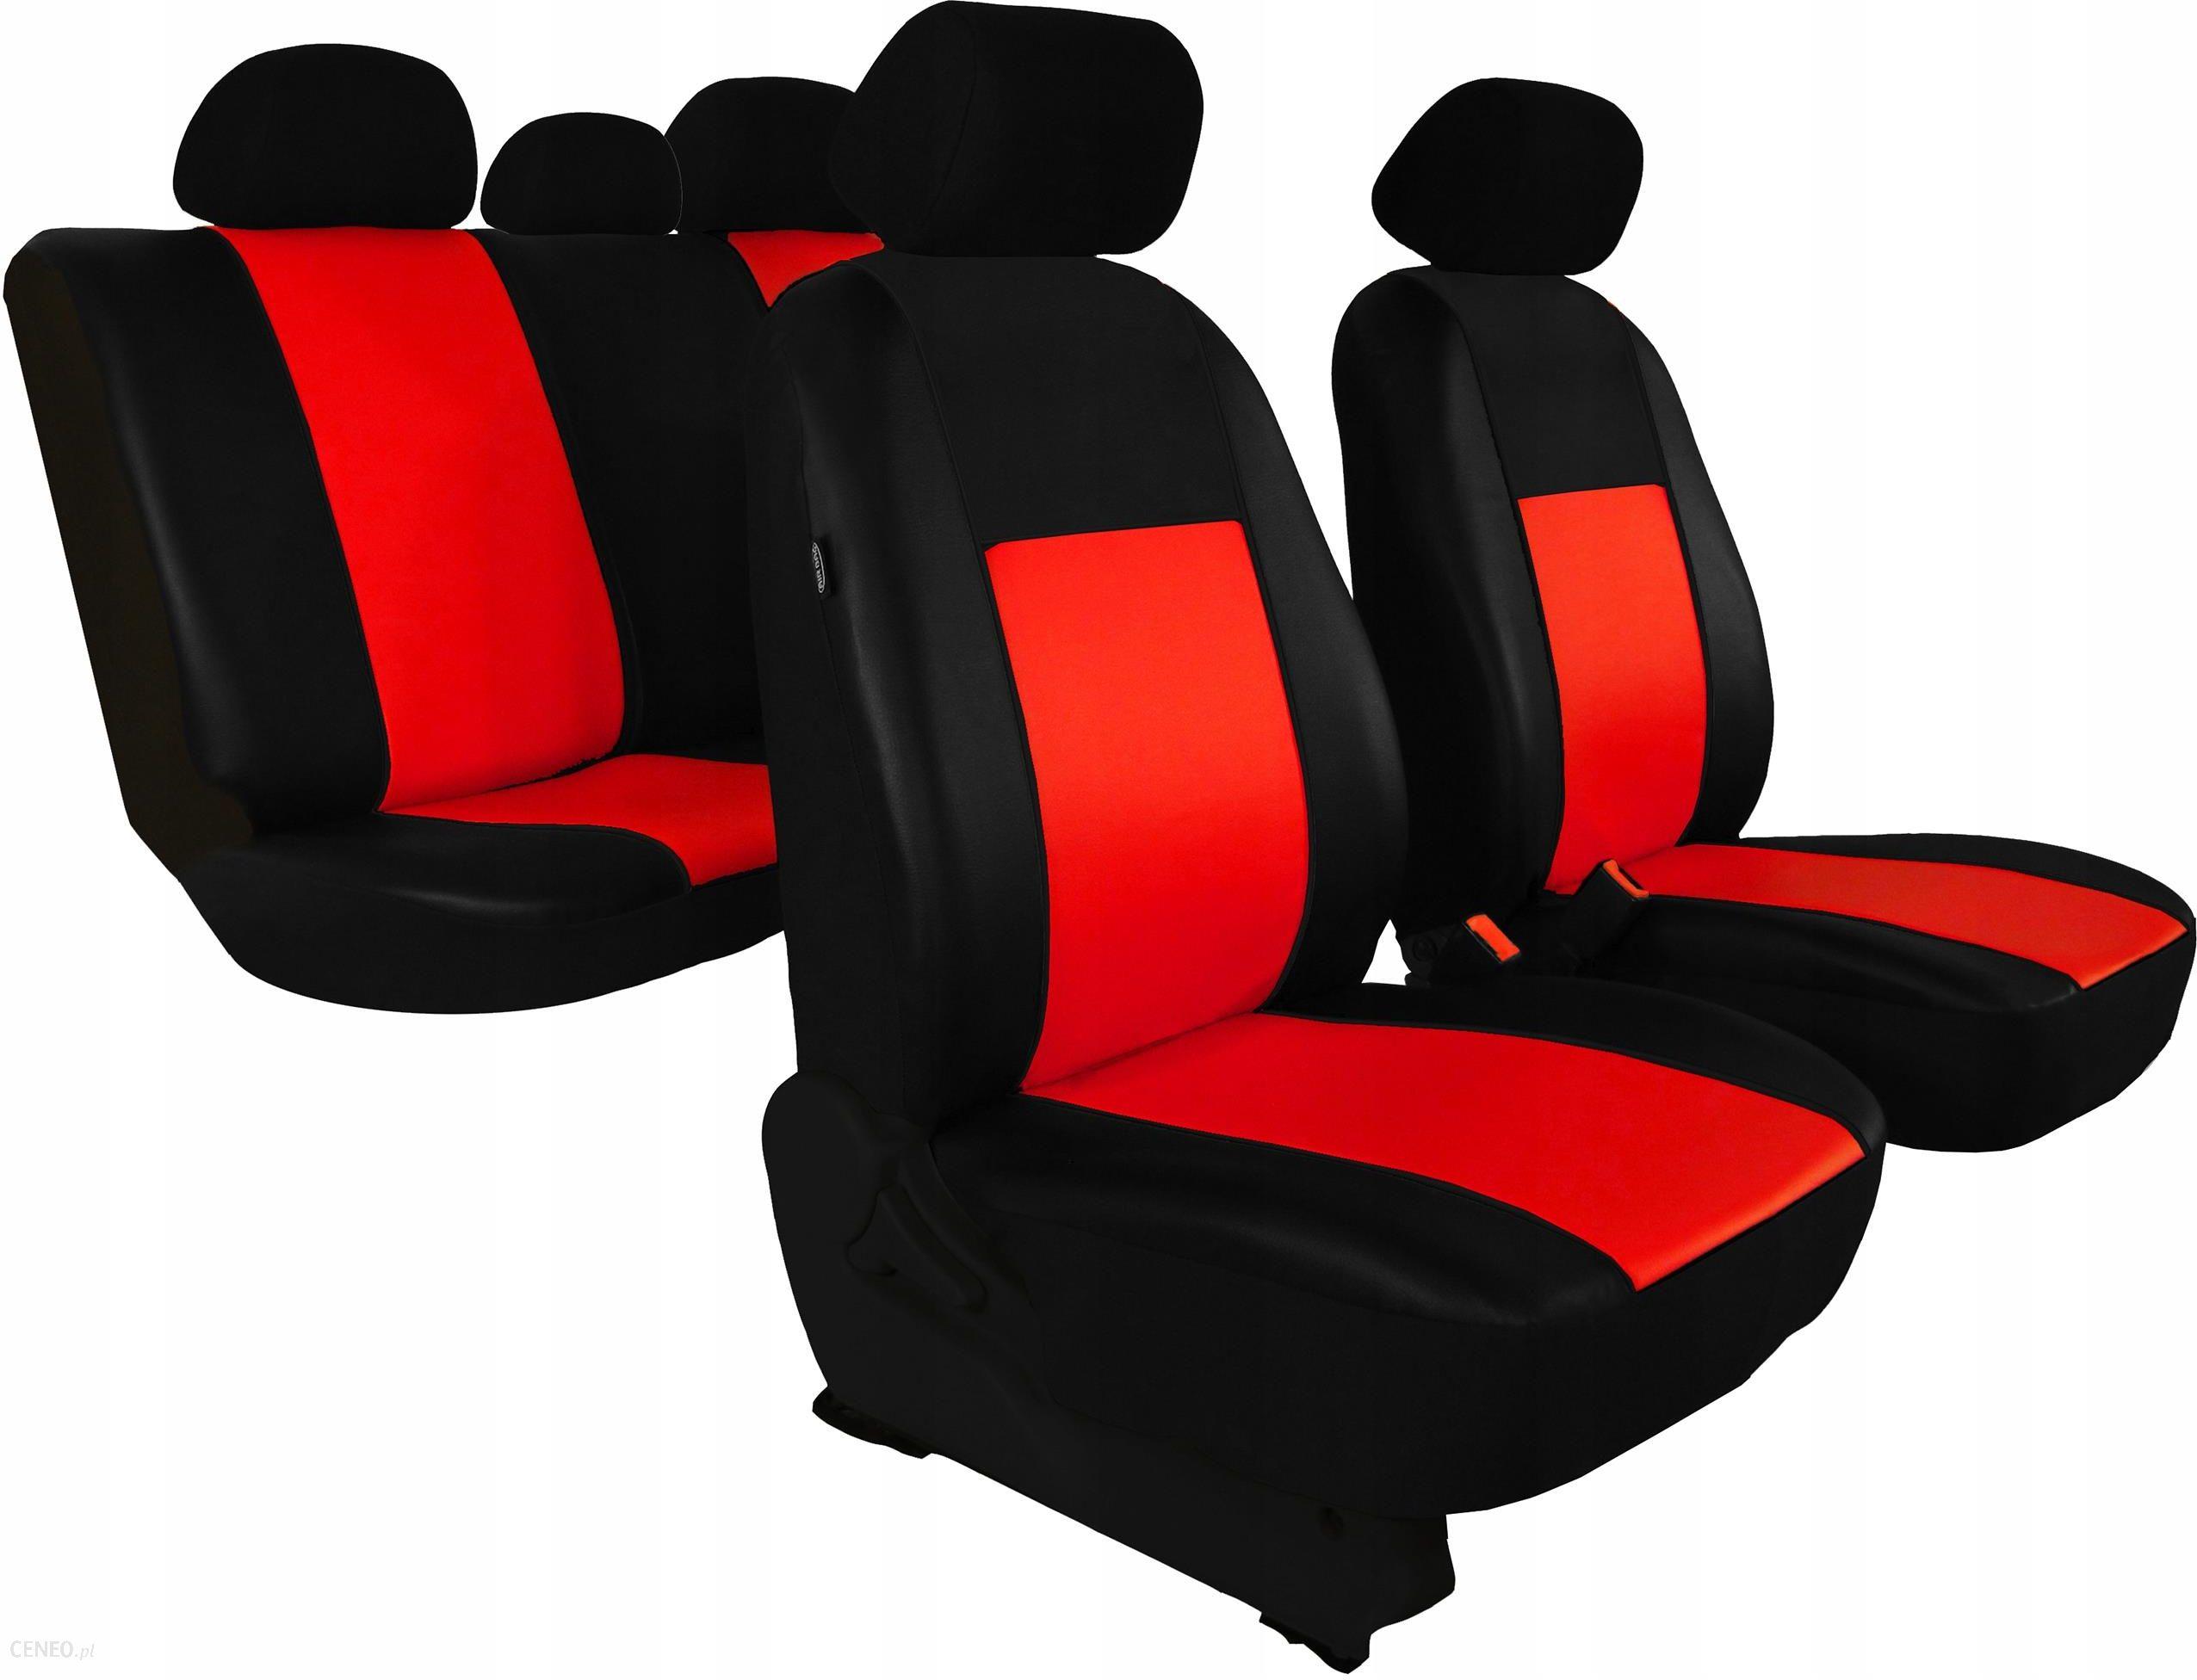 Pokrowiec Samochodowy Skóra Pokrowce Na Fotele Samochodowe Vw Golf 2 Opinie I Ceny Na Ceneopl